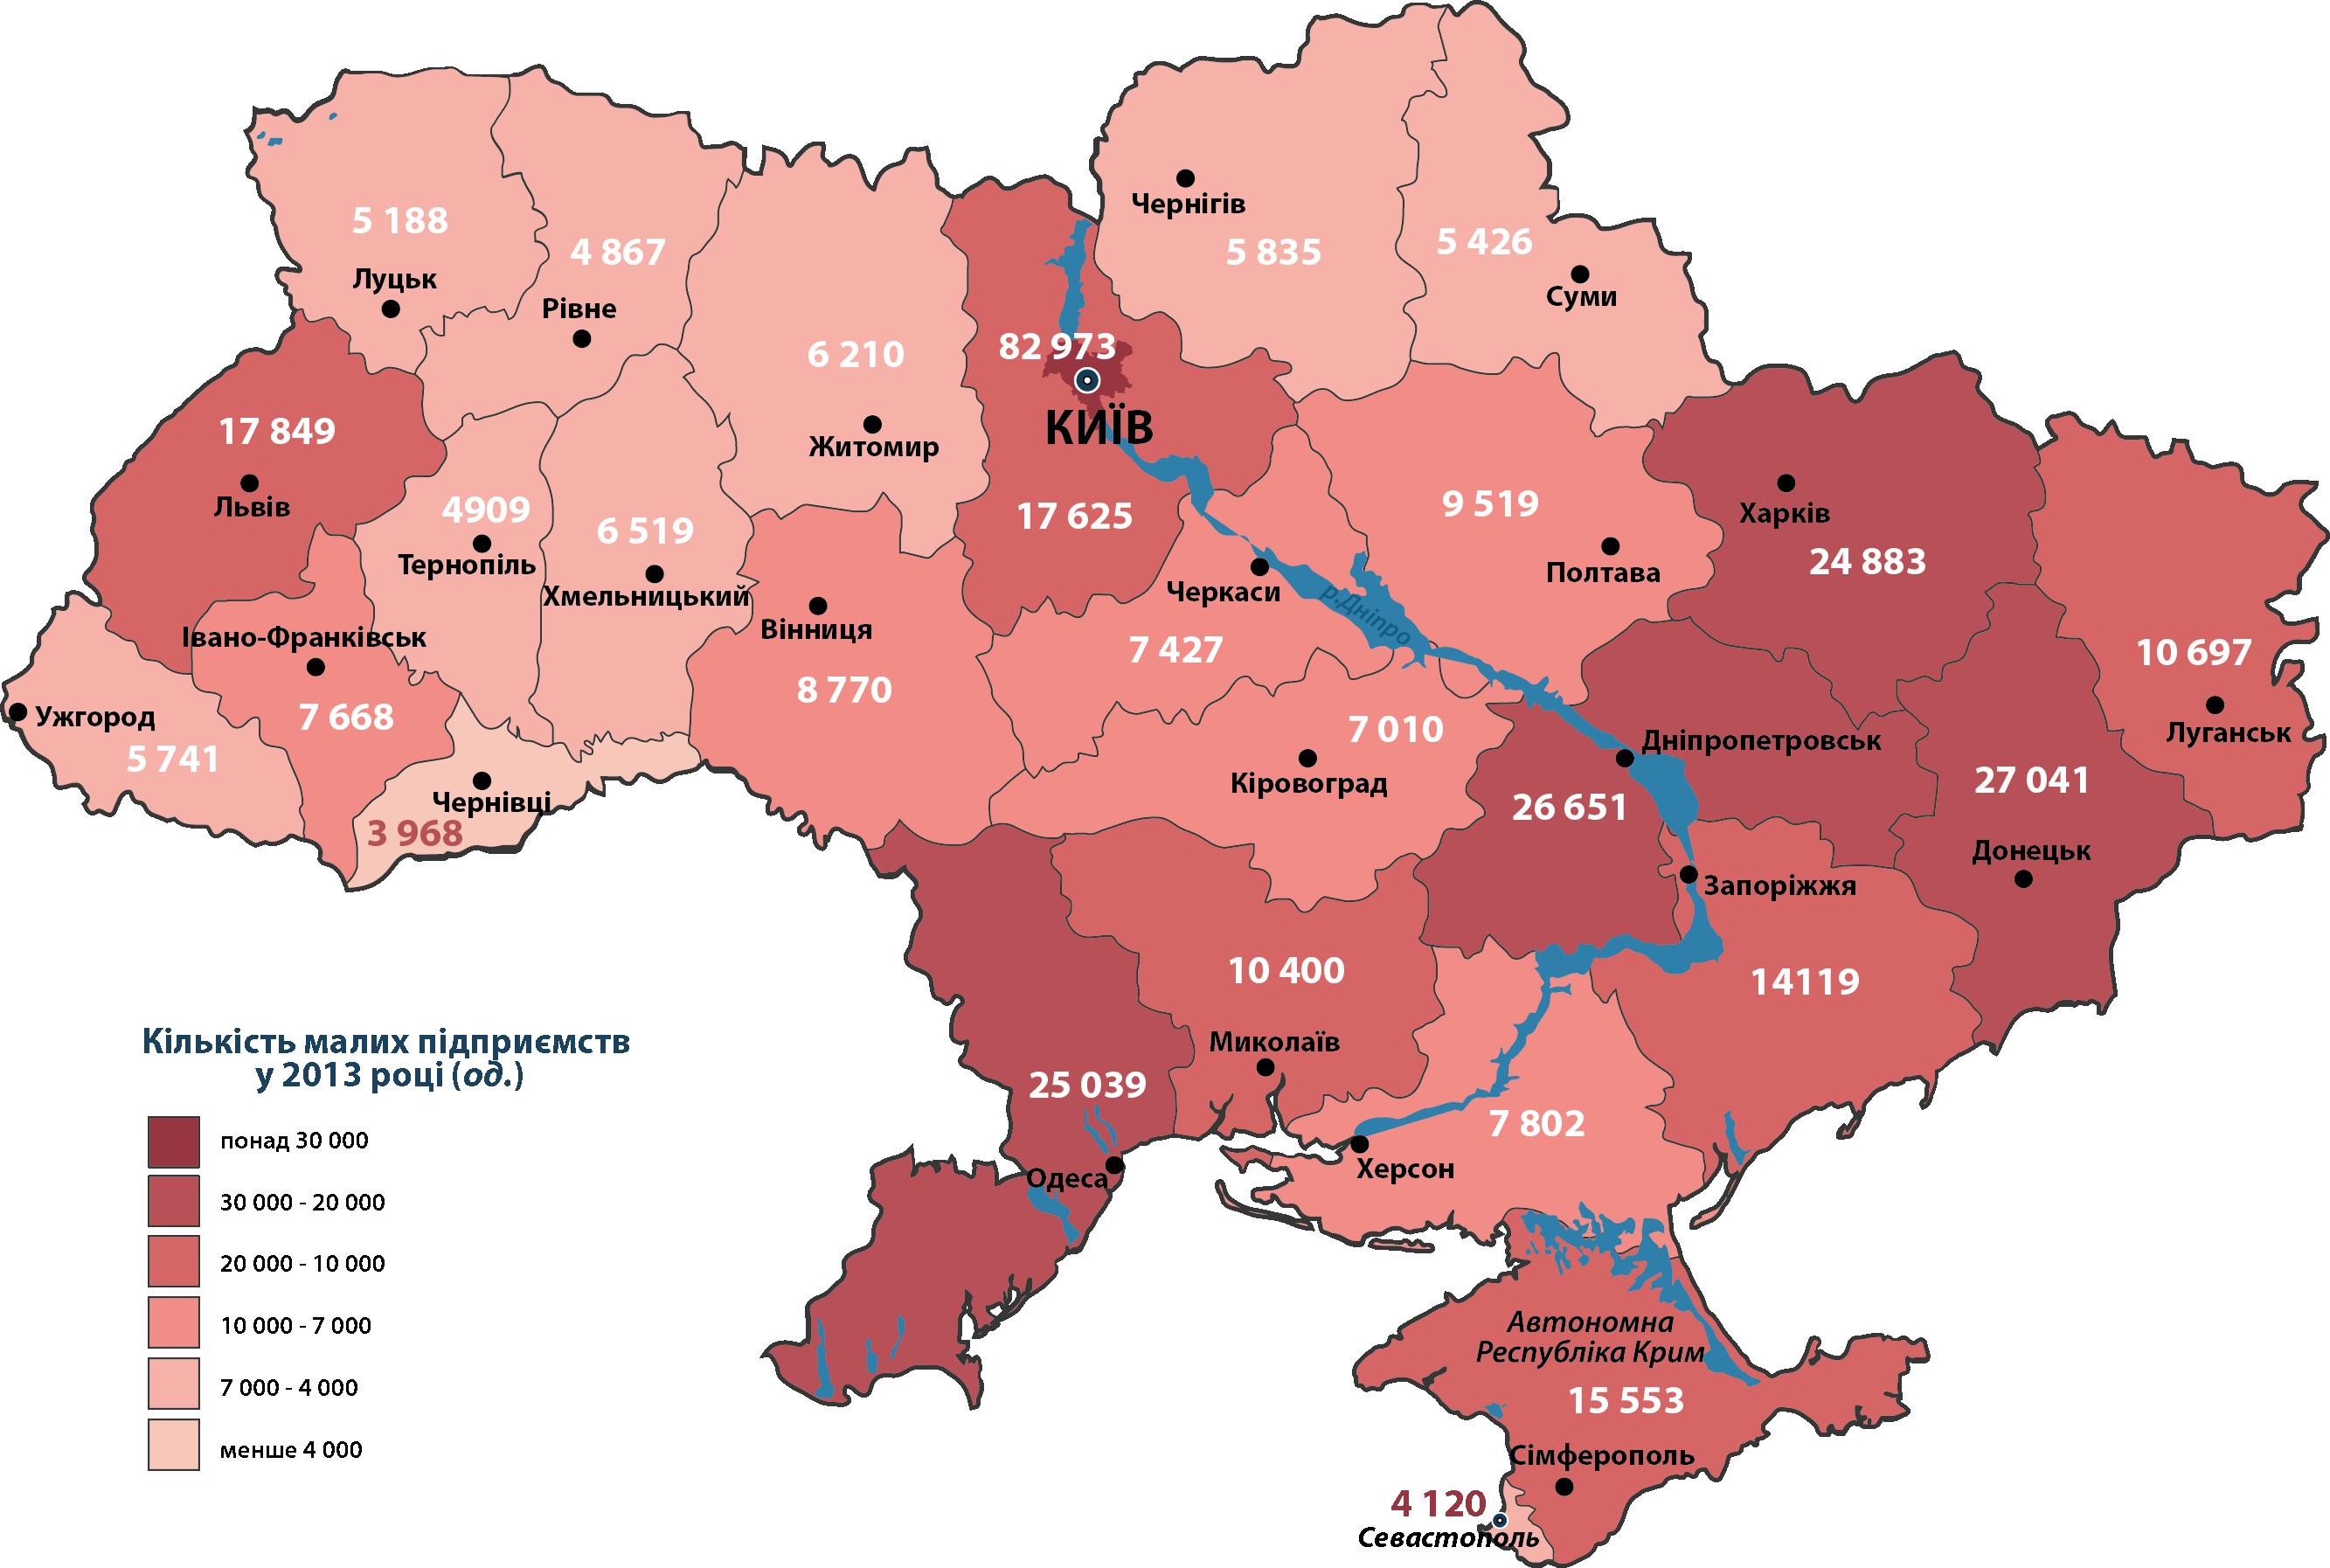 Количество малых предпринимателей в Украине